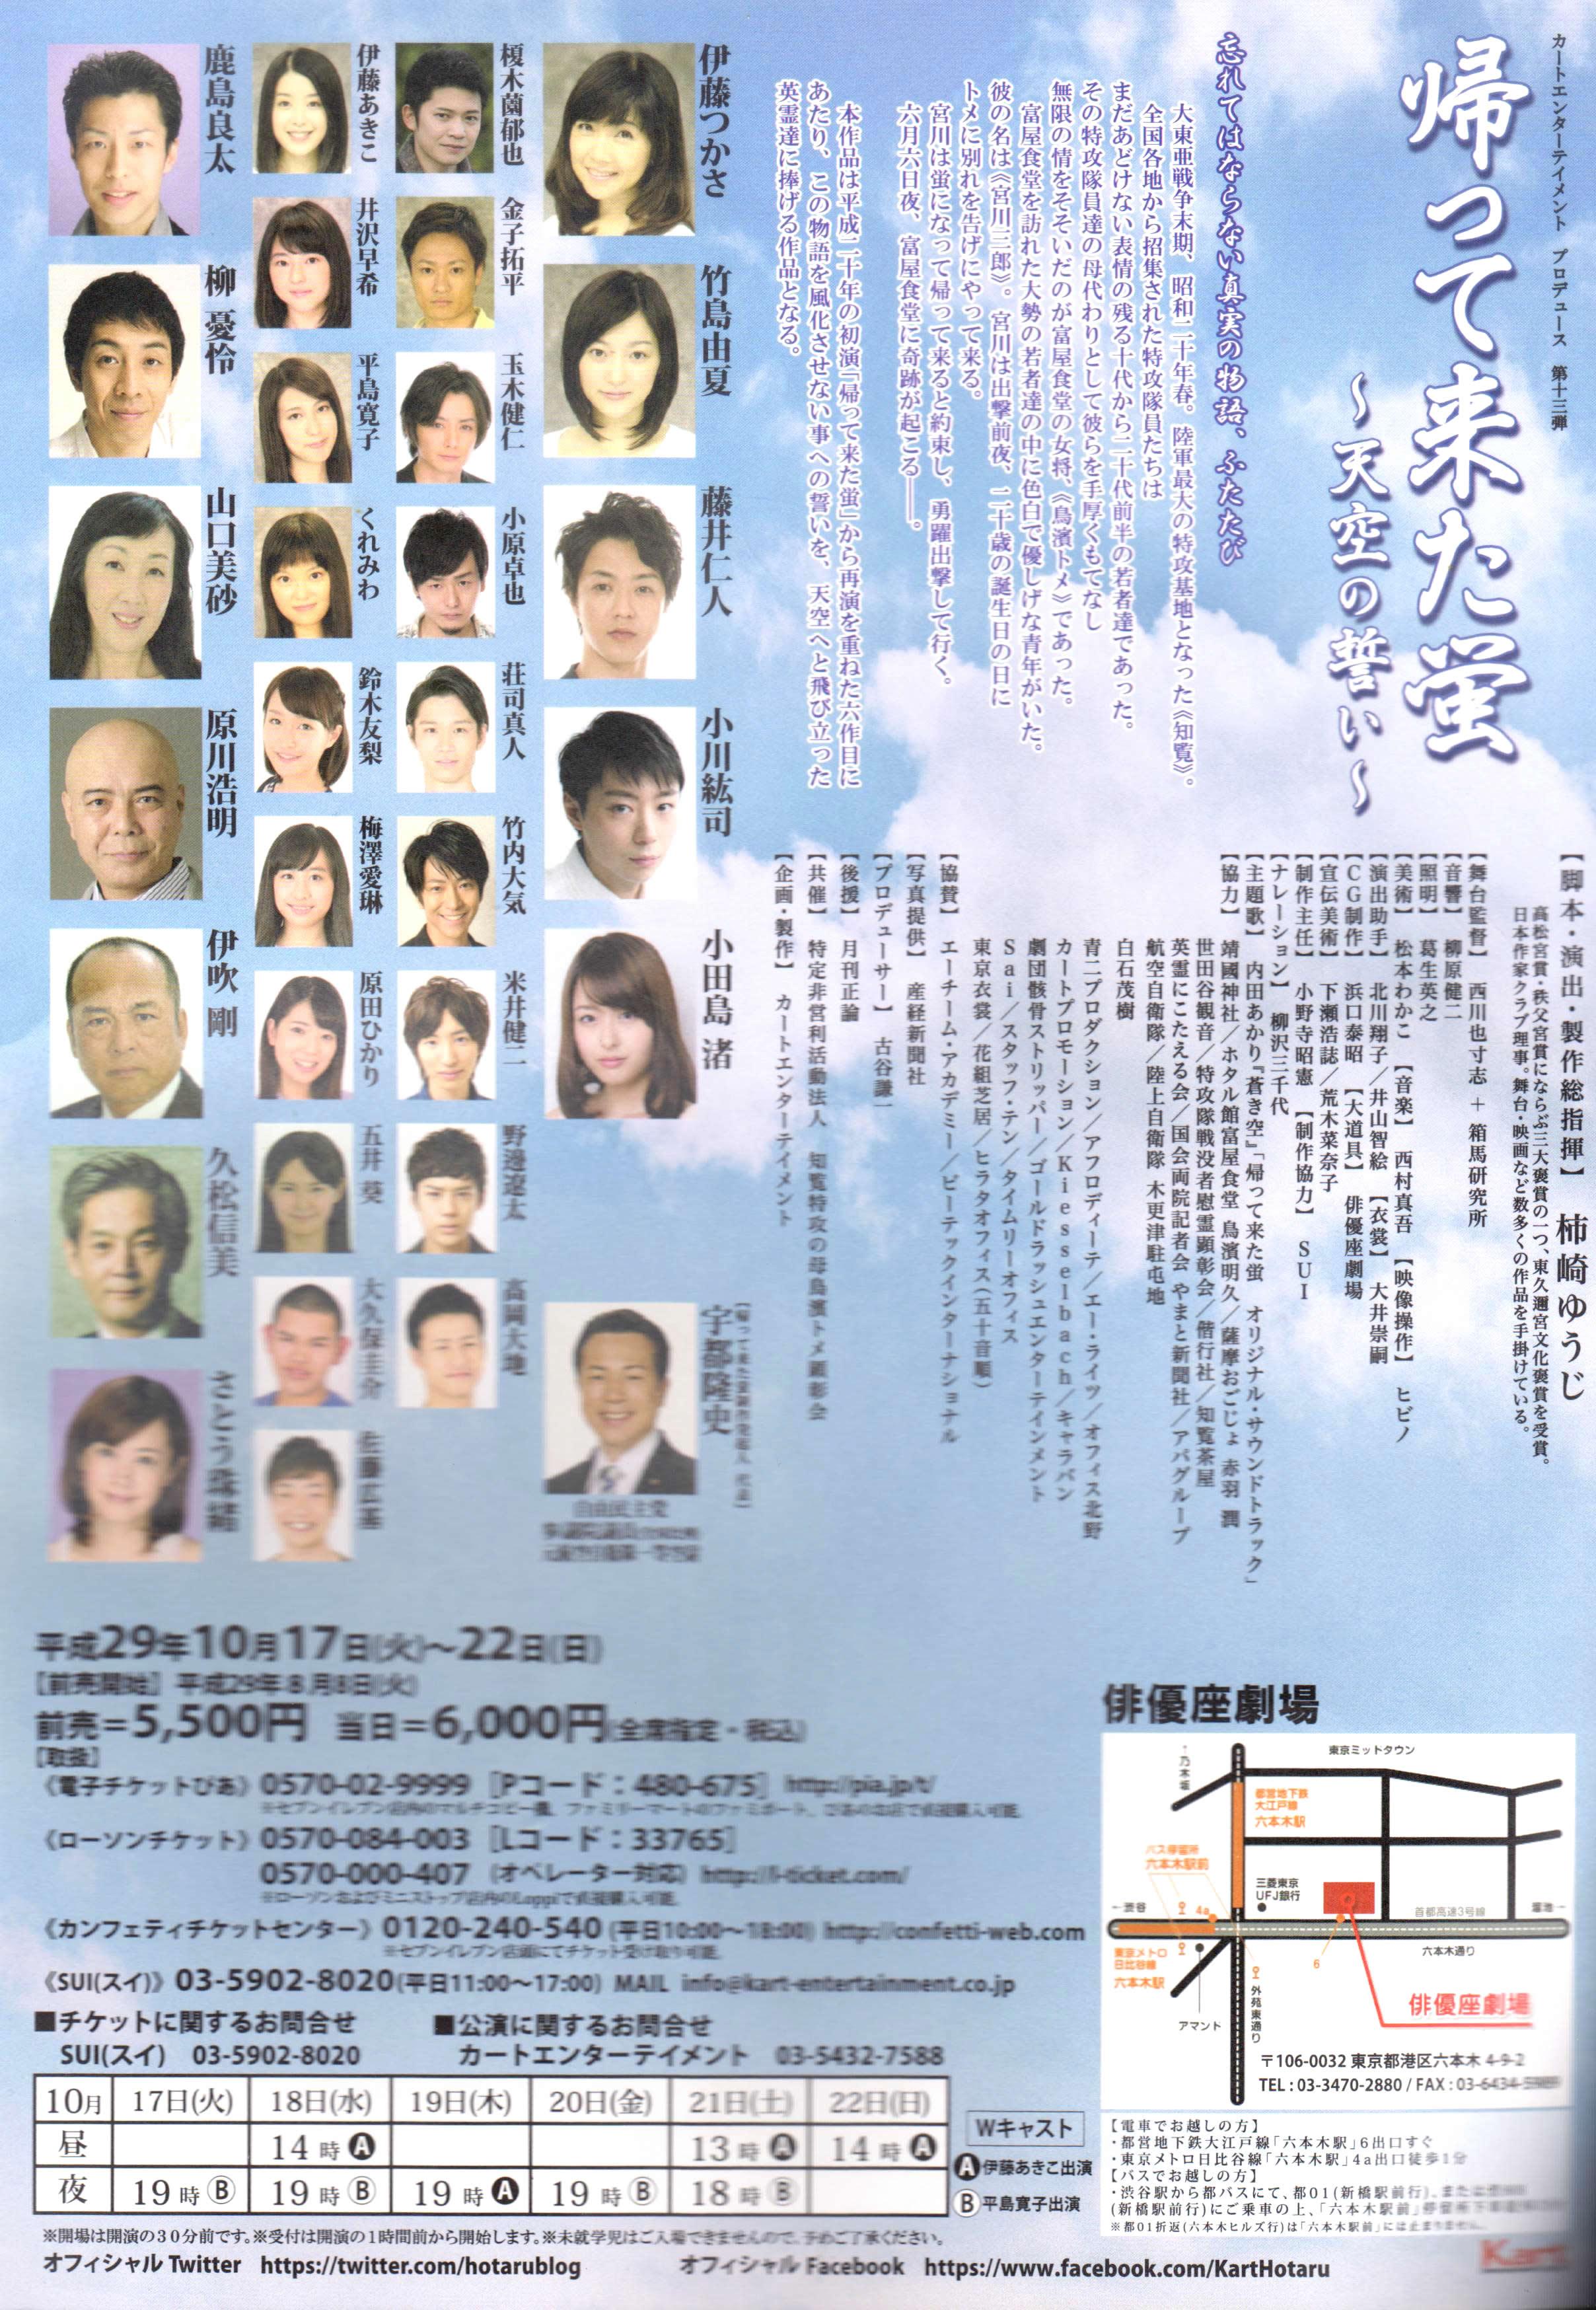 2 001 - 2017年10月7日(土)東京思風塾開催しました。テーマ「愛ある子育てとは~思春期から社会人へ~」